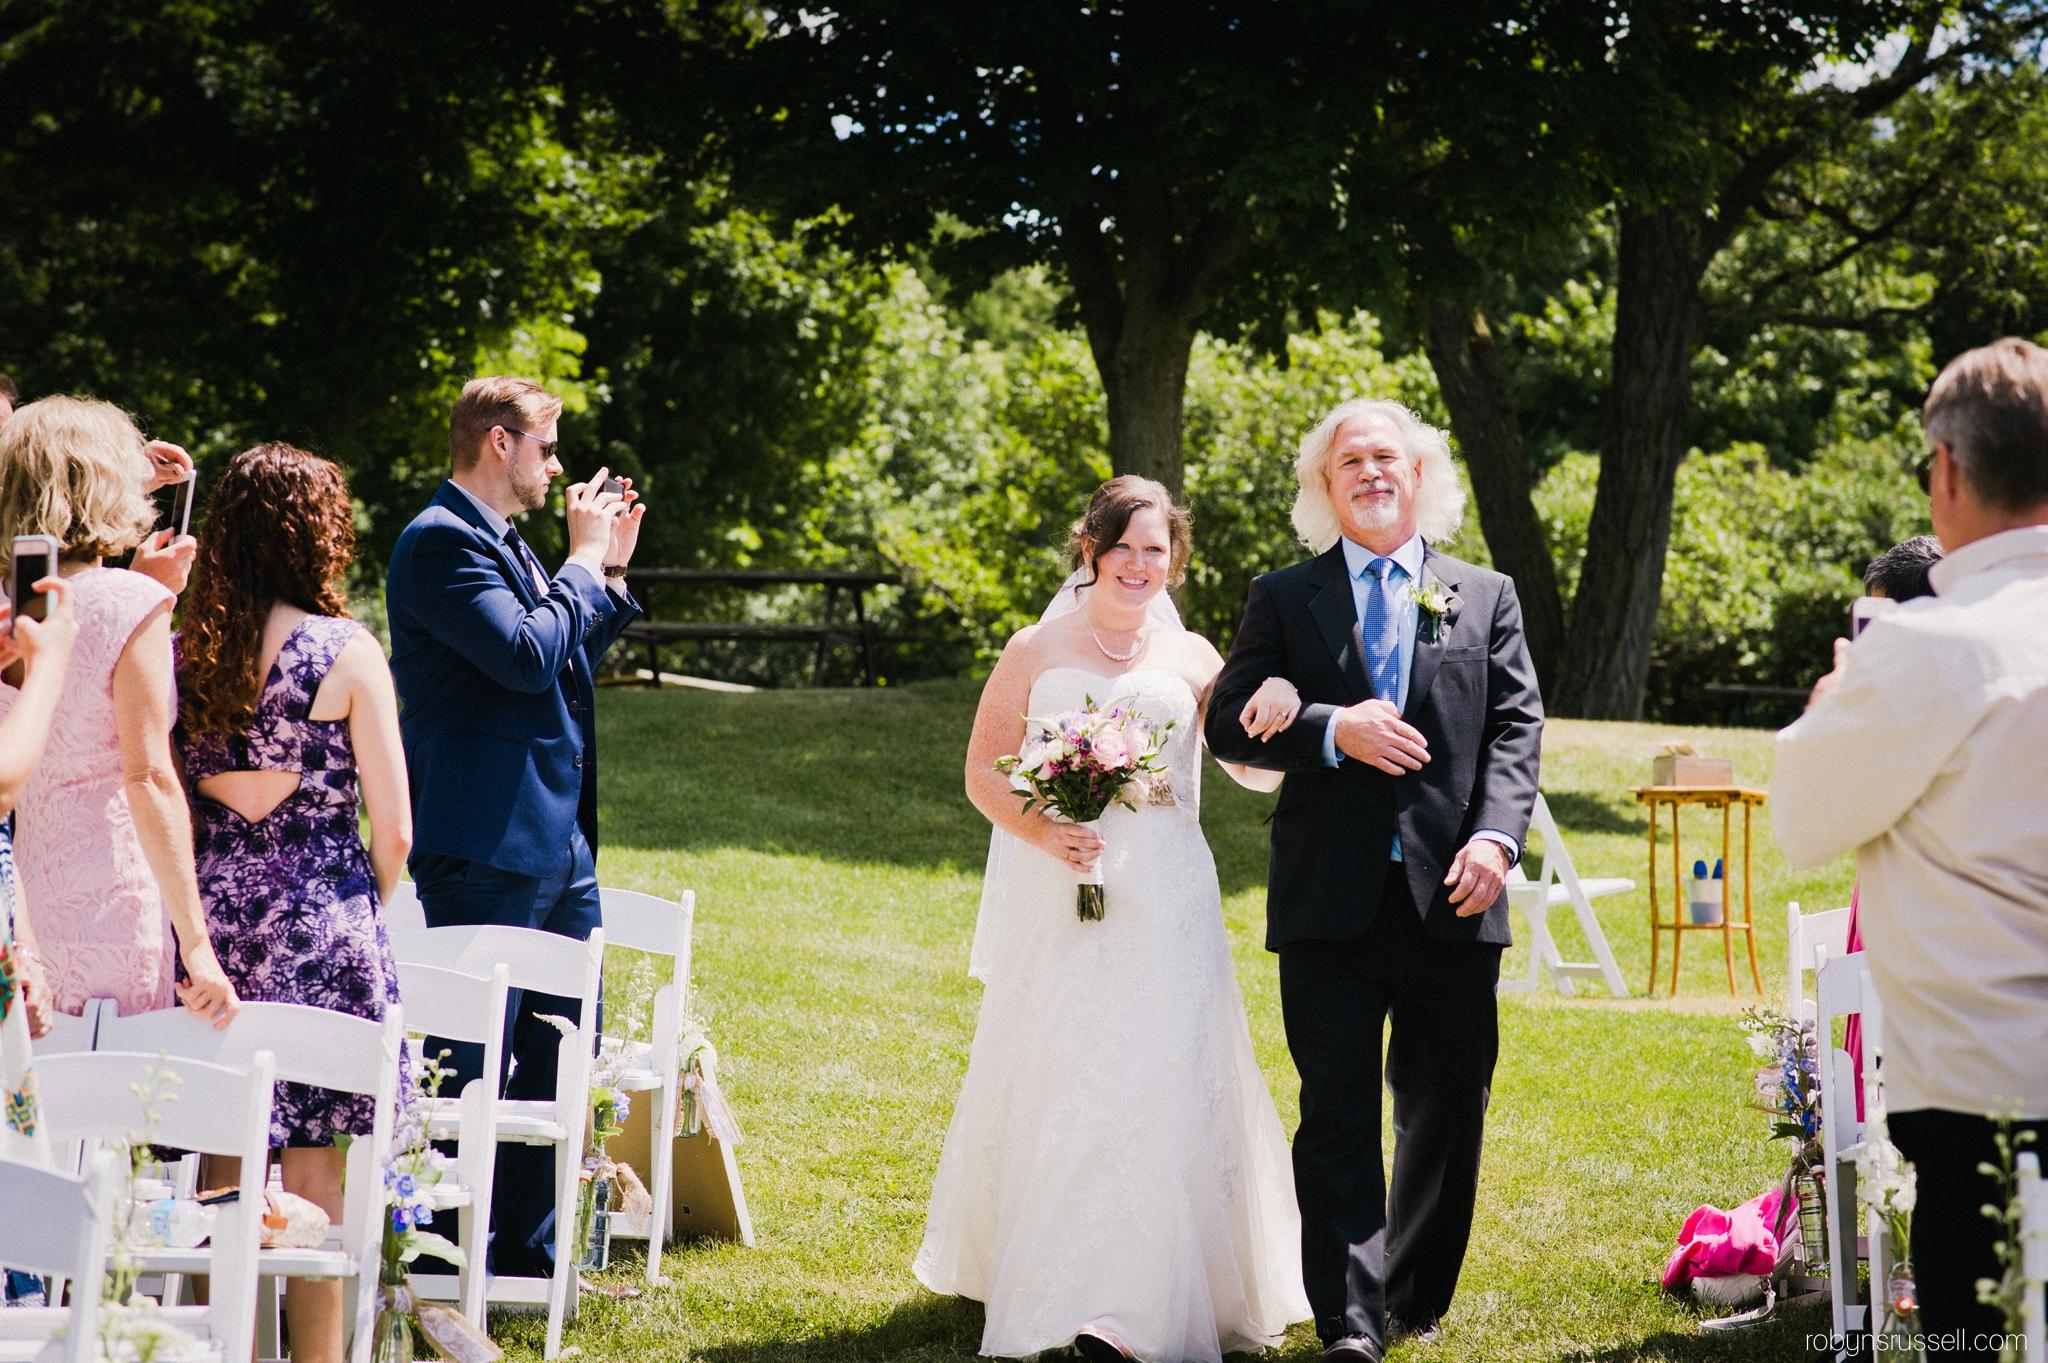 17-bride-and-dad-walking-towards-groom.jpg